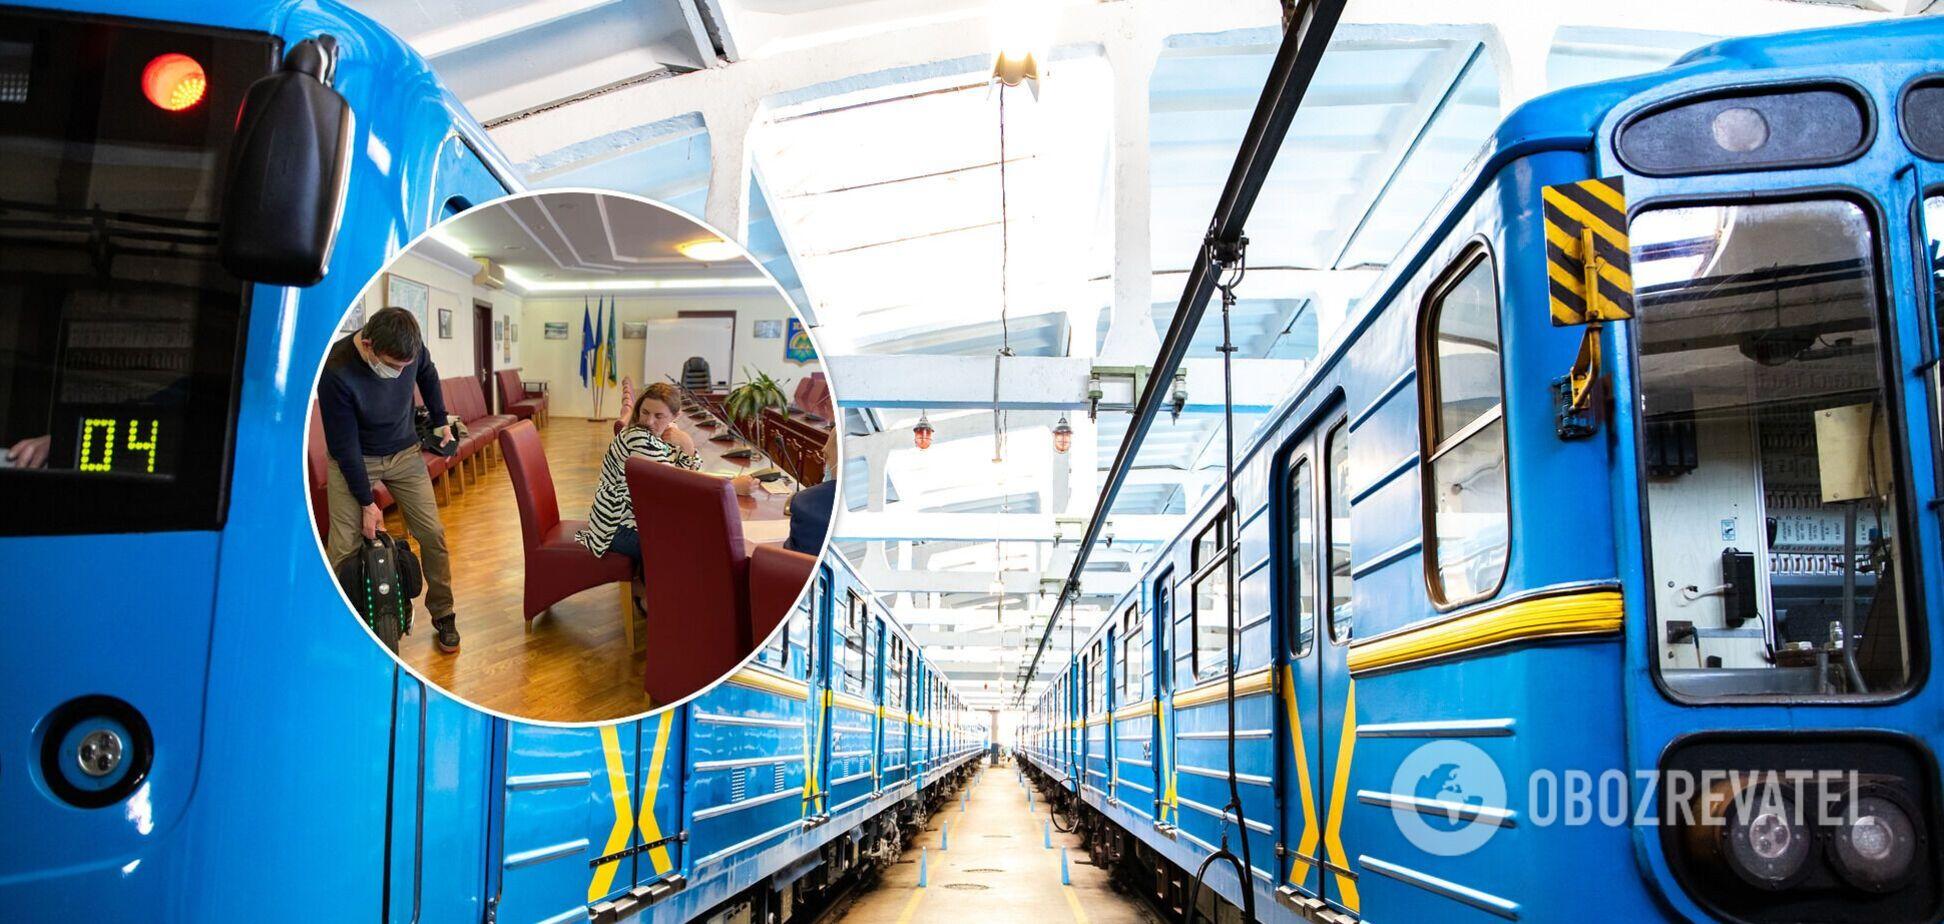 У київському метро змінять правила перевезення моноколіс та самокатів